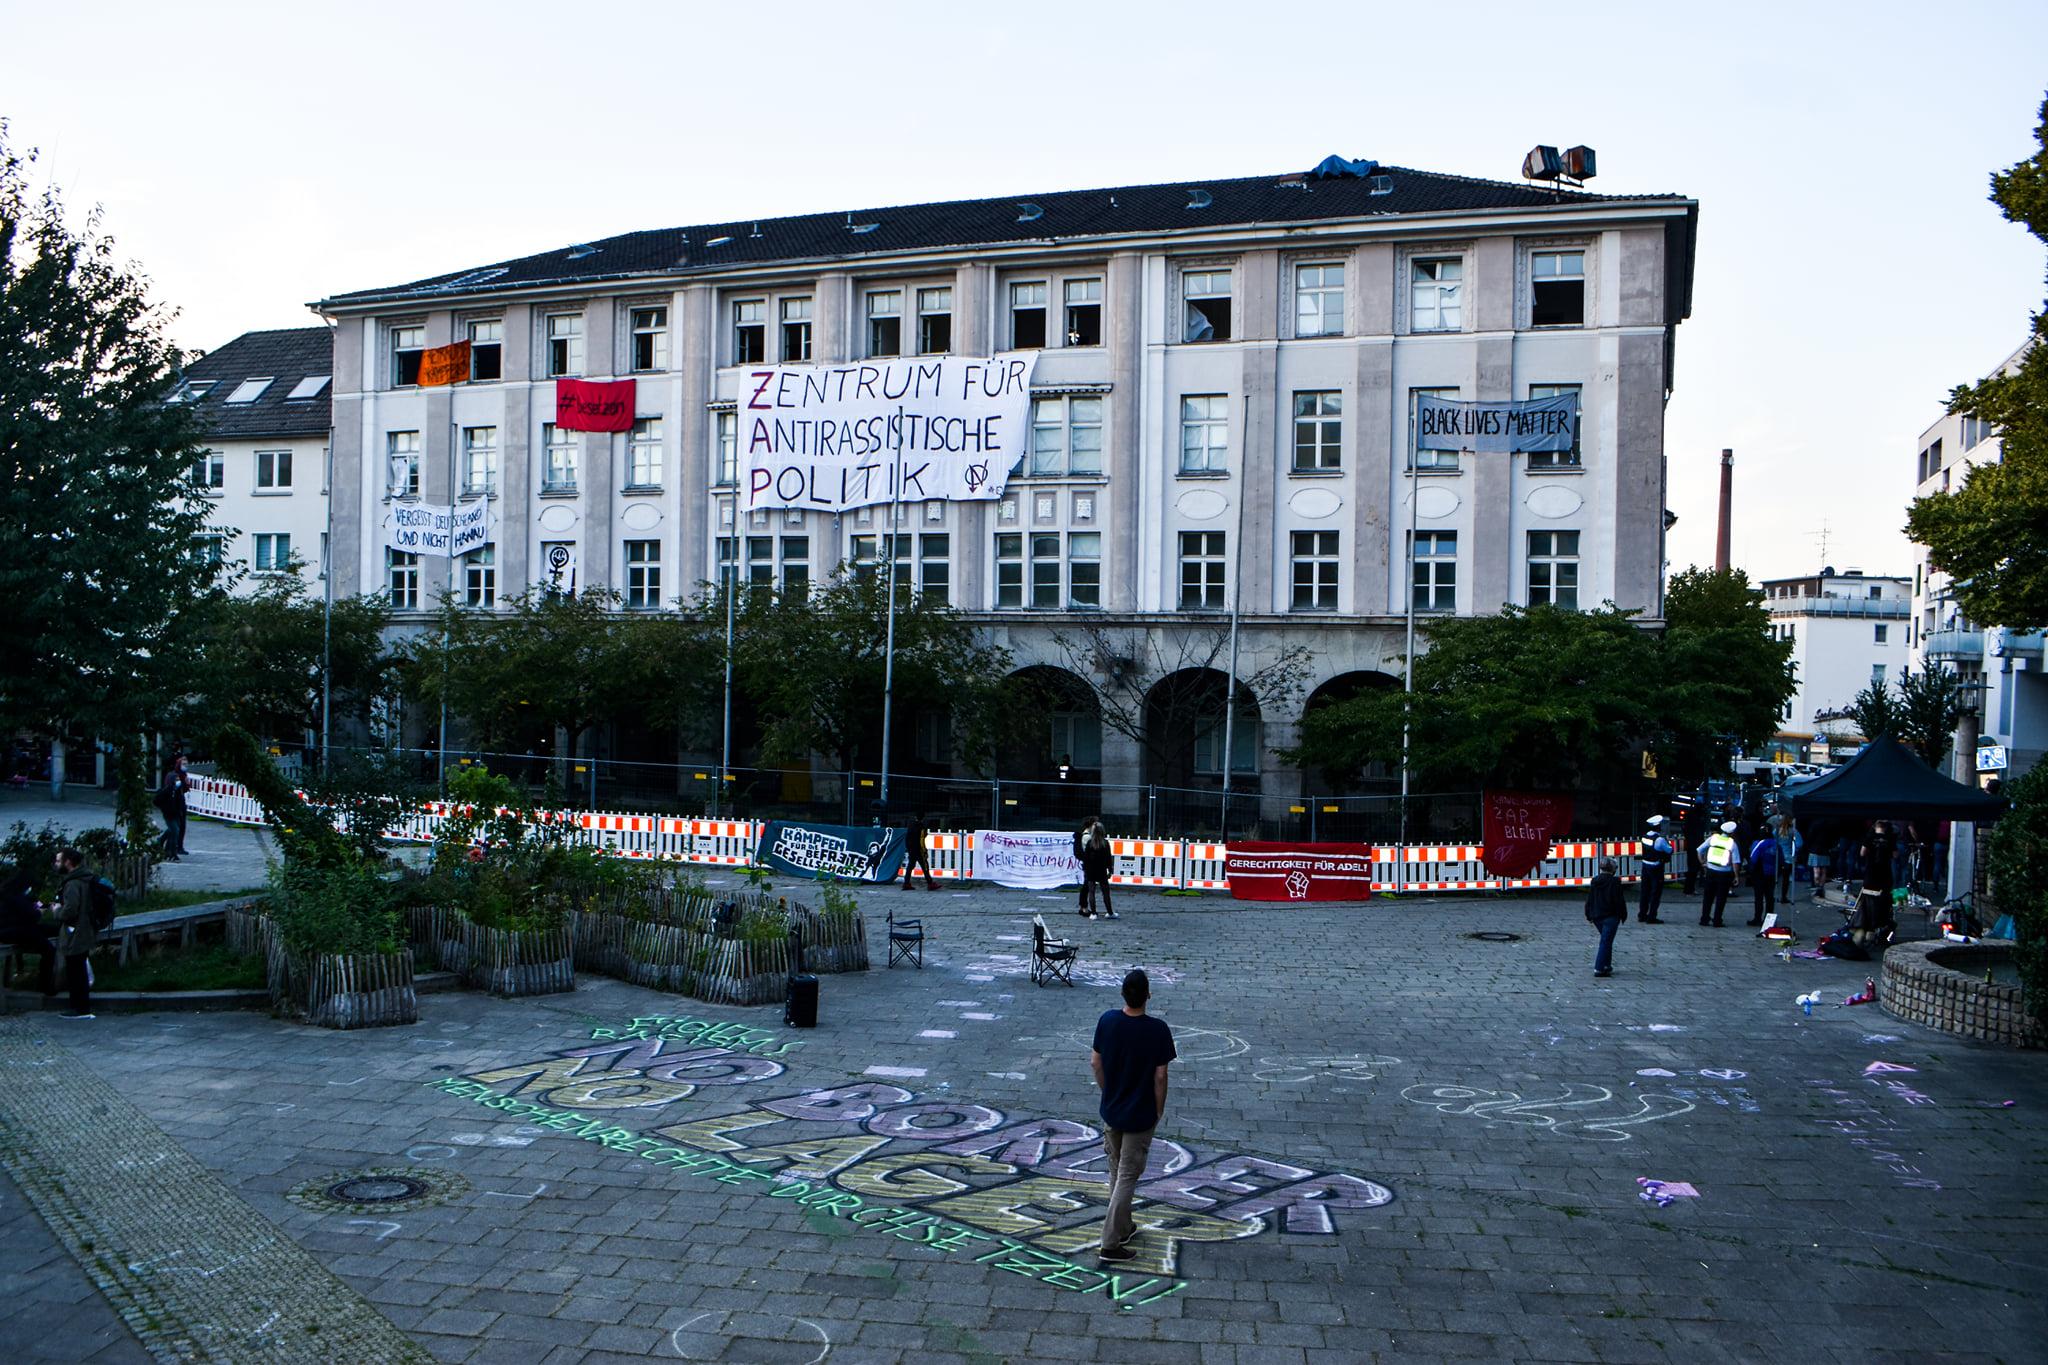 Stellungnahme zur Hausbesetzung für ein antirassistisches Zentrum am Weberplatz Essen